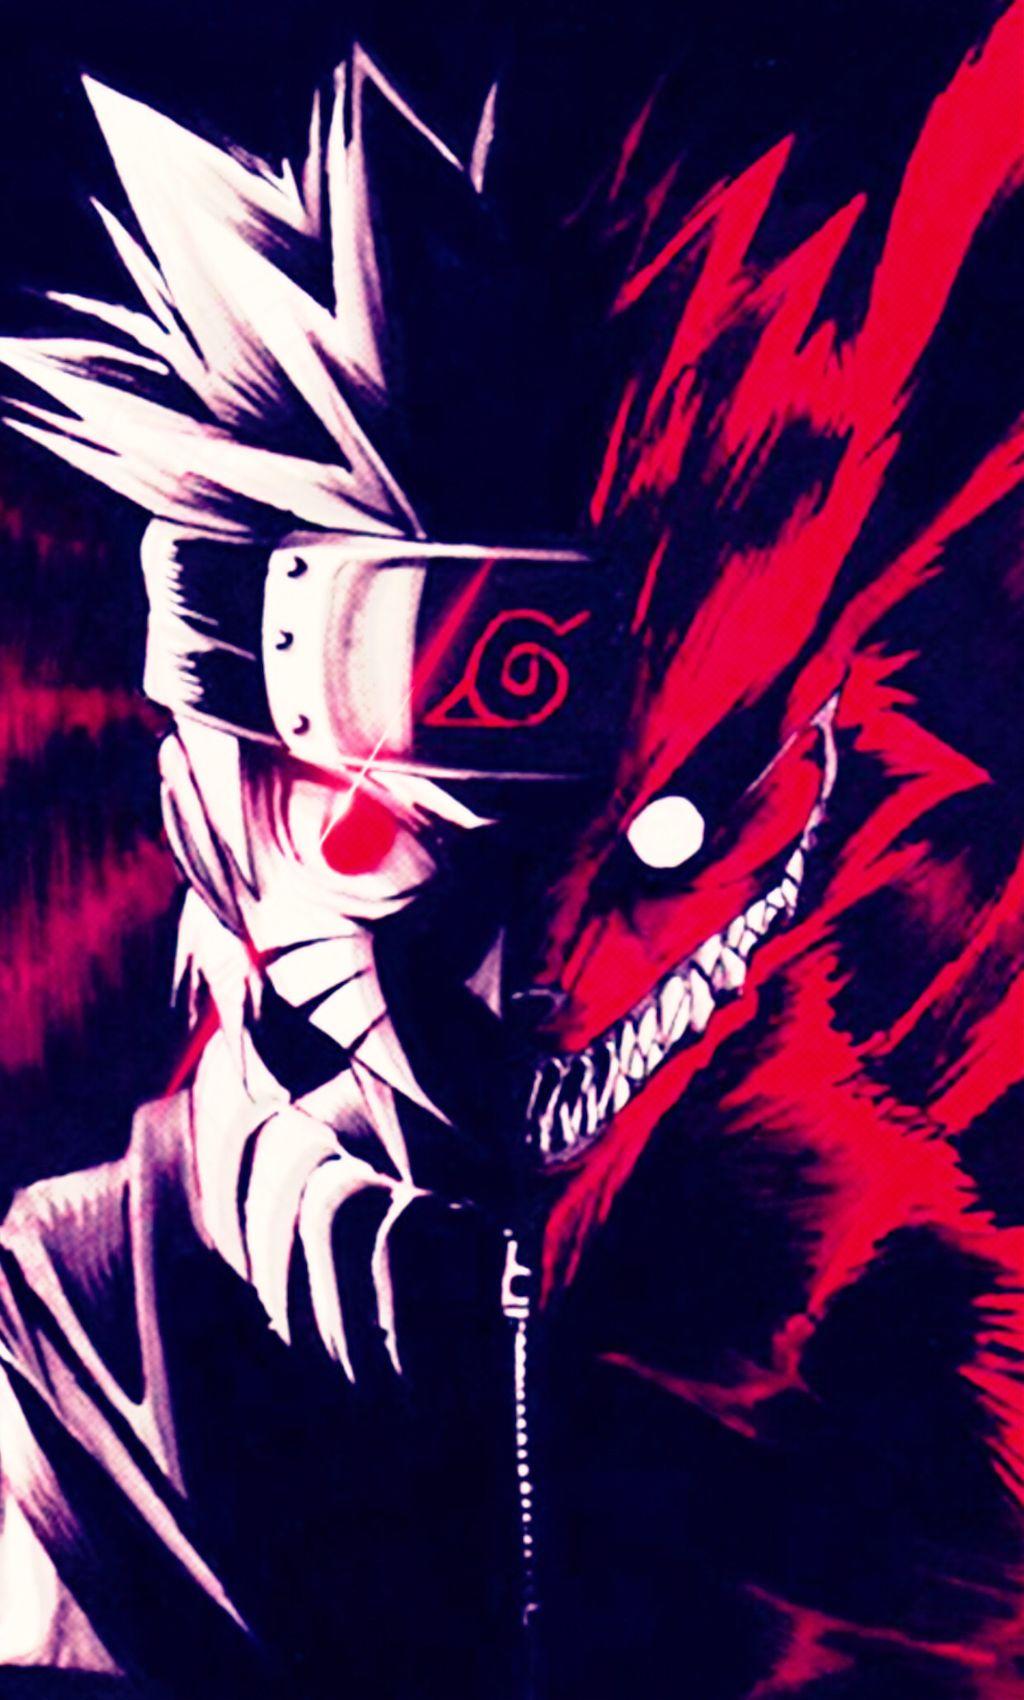 Download 7000 Koleksi Wallpaper Naruto Dan Kurama HD Gratid